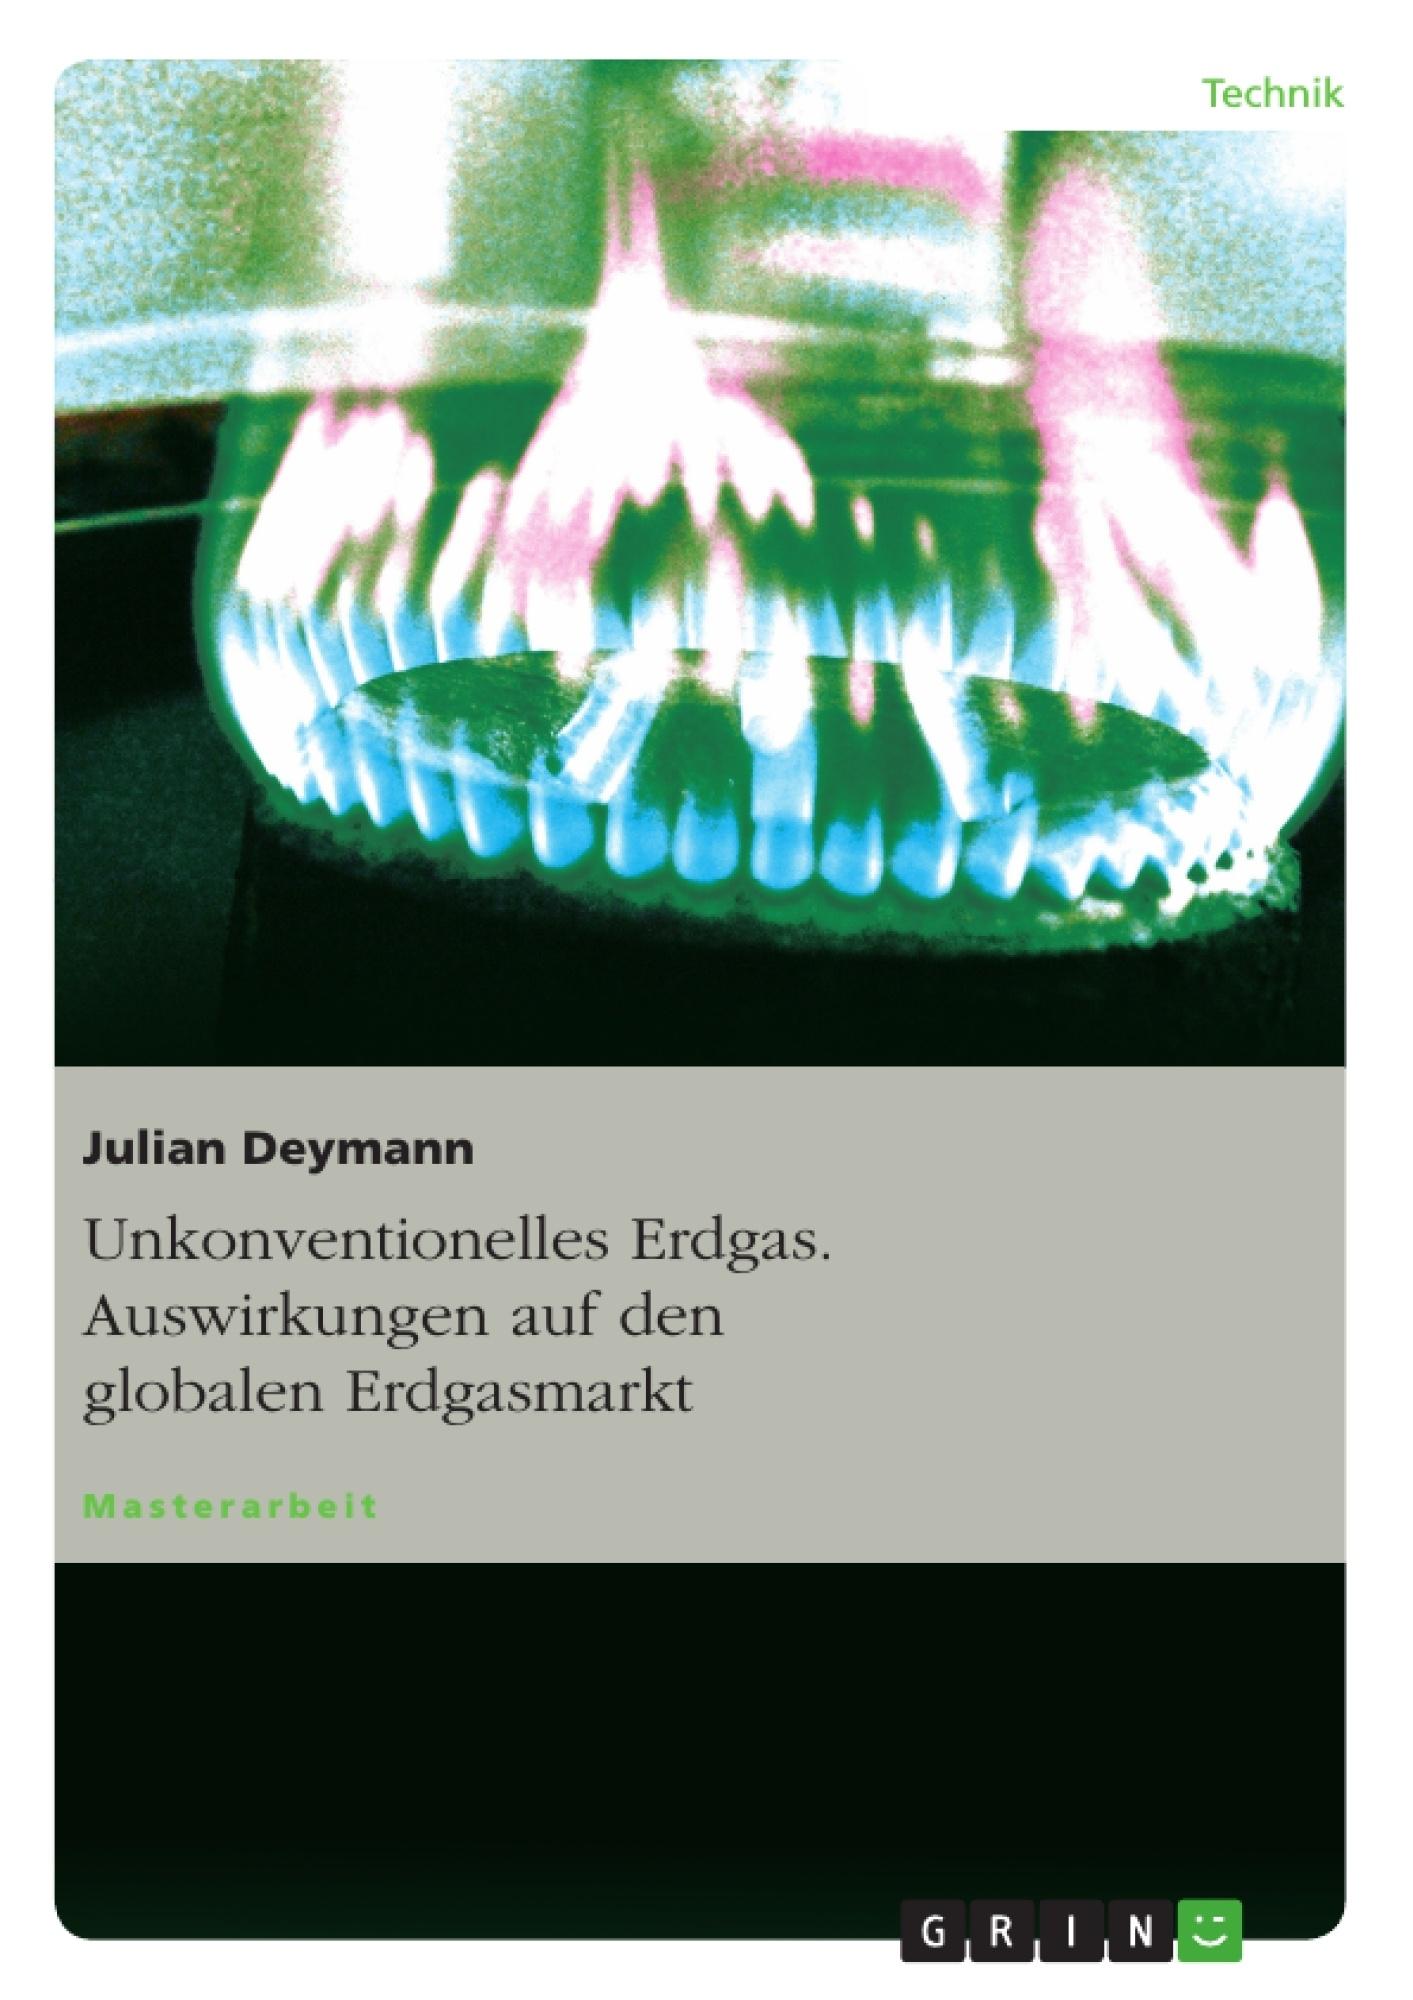 Titel: Unkonventionelles Erdgas. Auswirkungen auf den globalen Erdgasmarkt